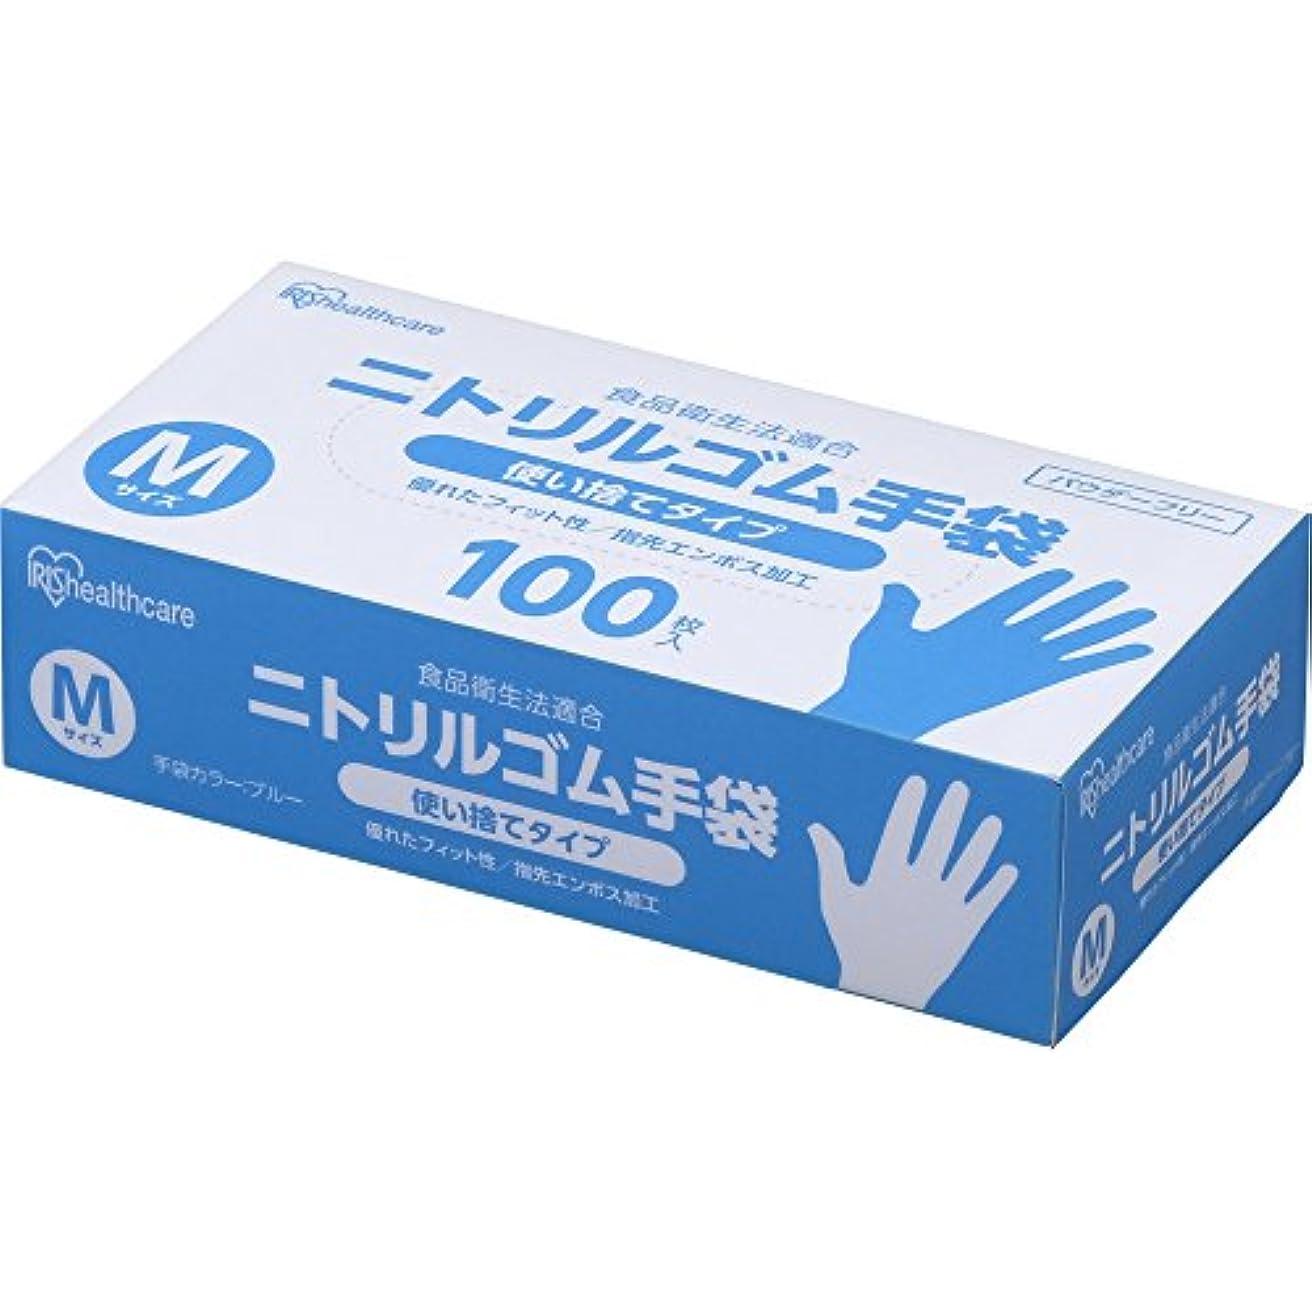 サンダース夫婦シガレットアイリスオーヤマ 使い捨て手袋 ブルー ニトリルゴム 100枚 Mサイズ 業務用